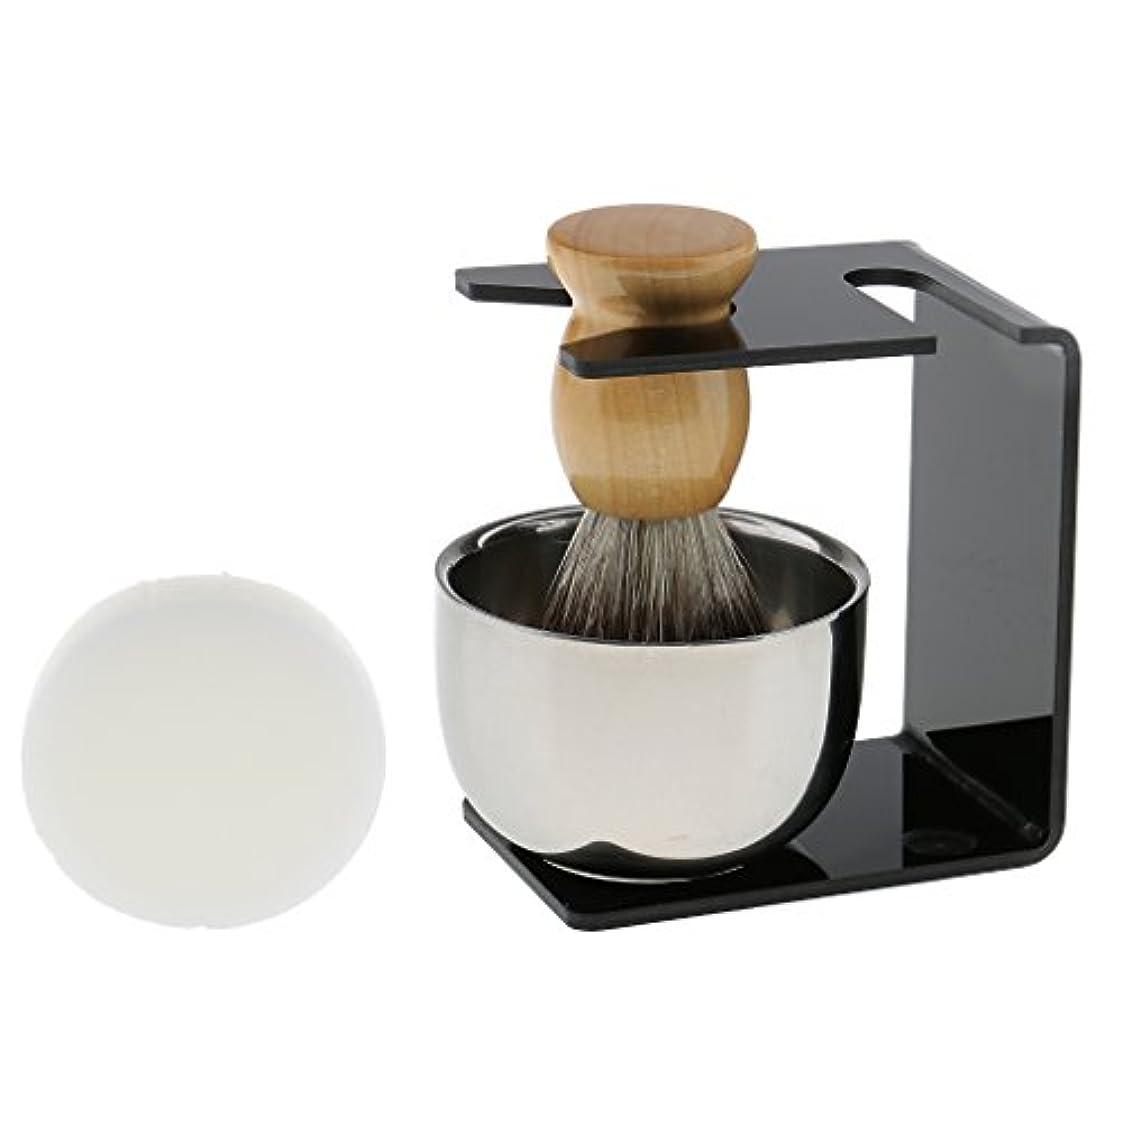 モトリーキュービック断片シェービングブラシセット ステンレス製スタンド ブラシ 石鹸 シェイプのマグカップ 髭剃り ひげ メンズ 4点セット